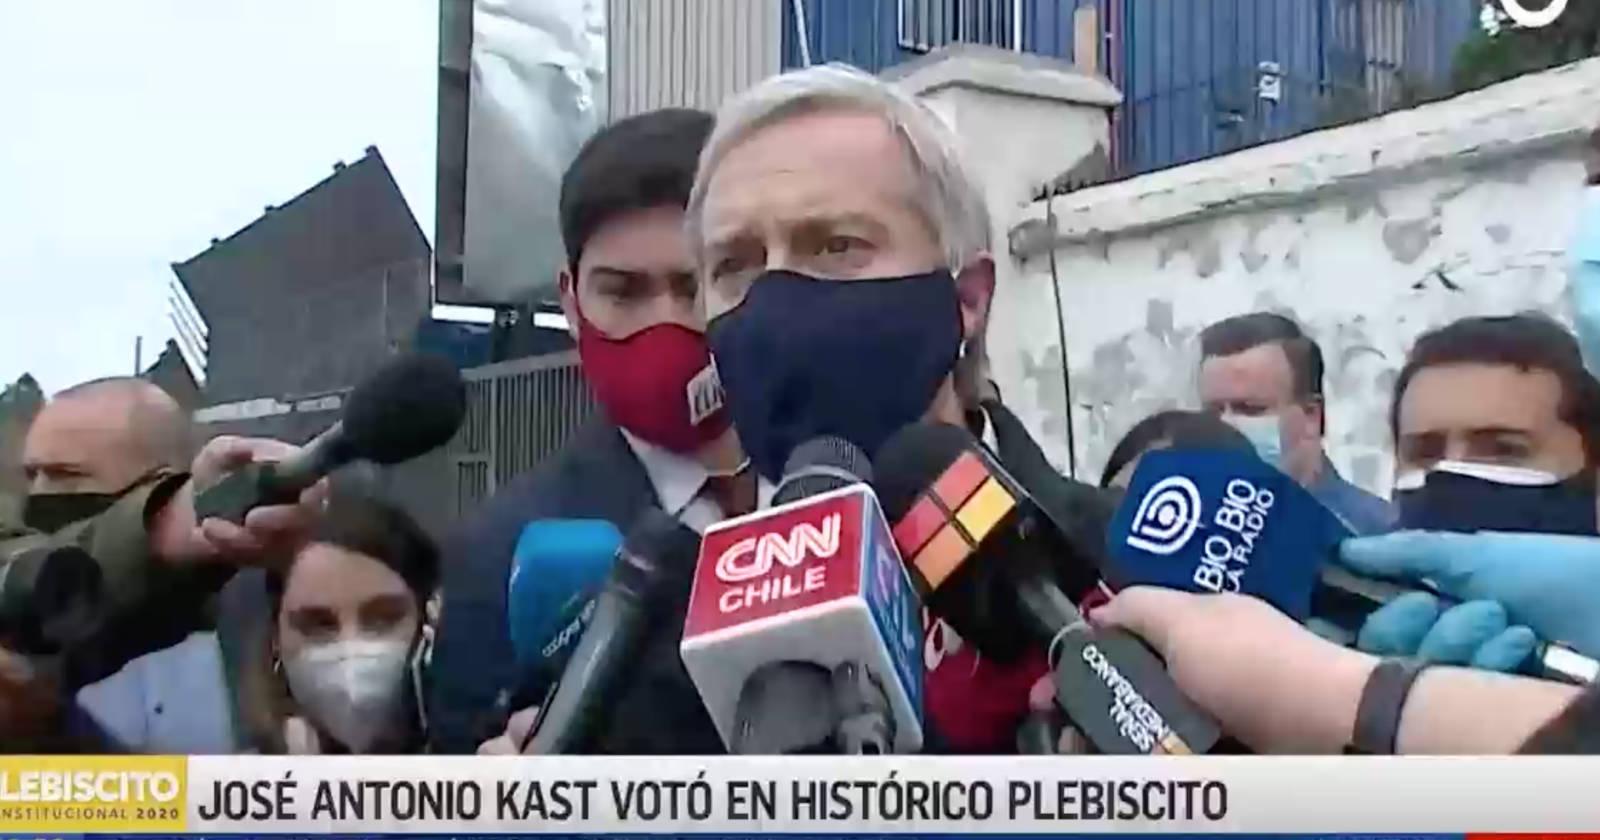 VIDEO - José Antonio Kast hace llamado a votar por una opción pese a estar prohibido